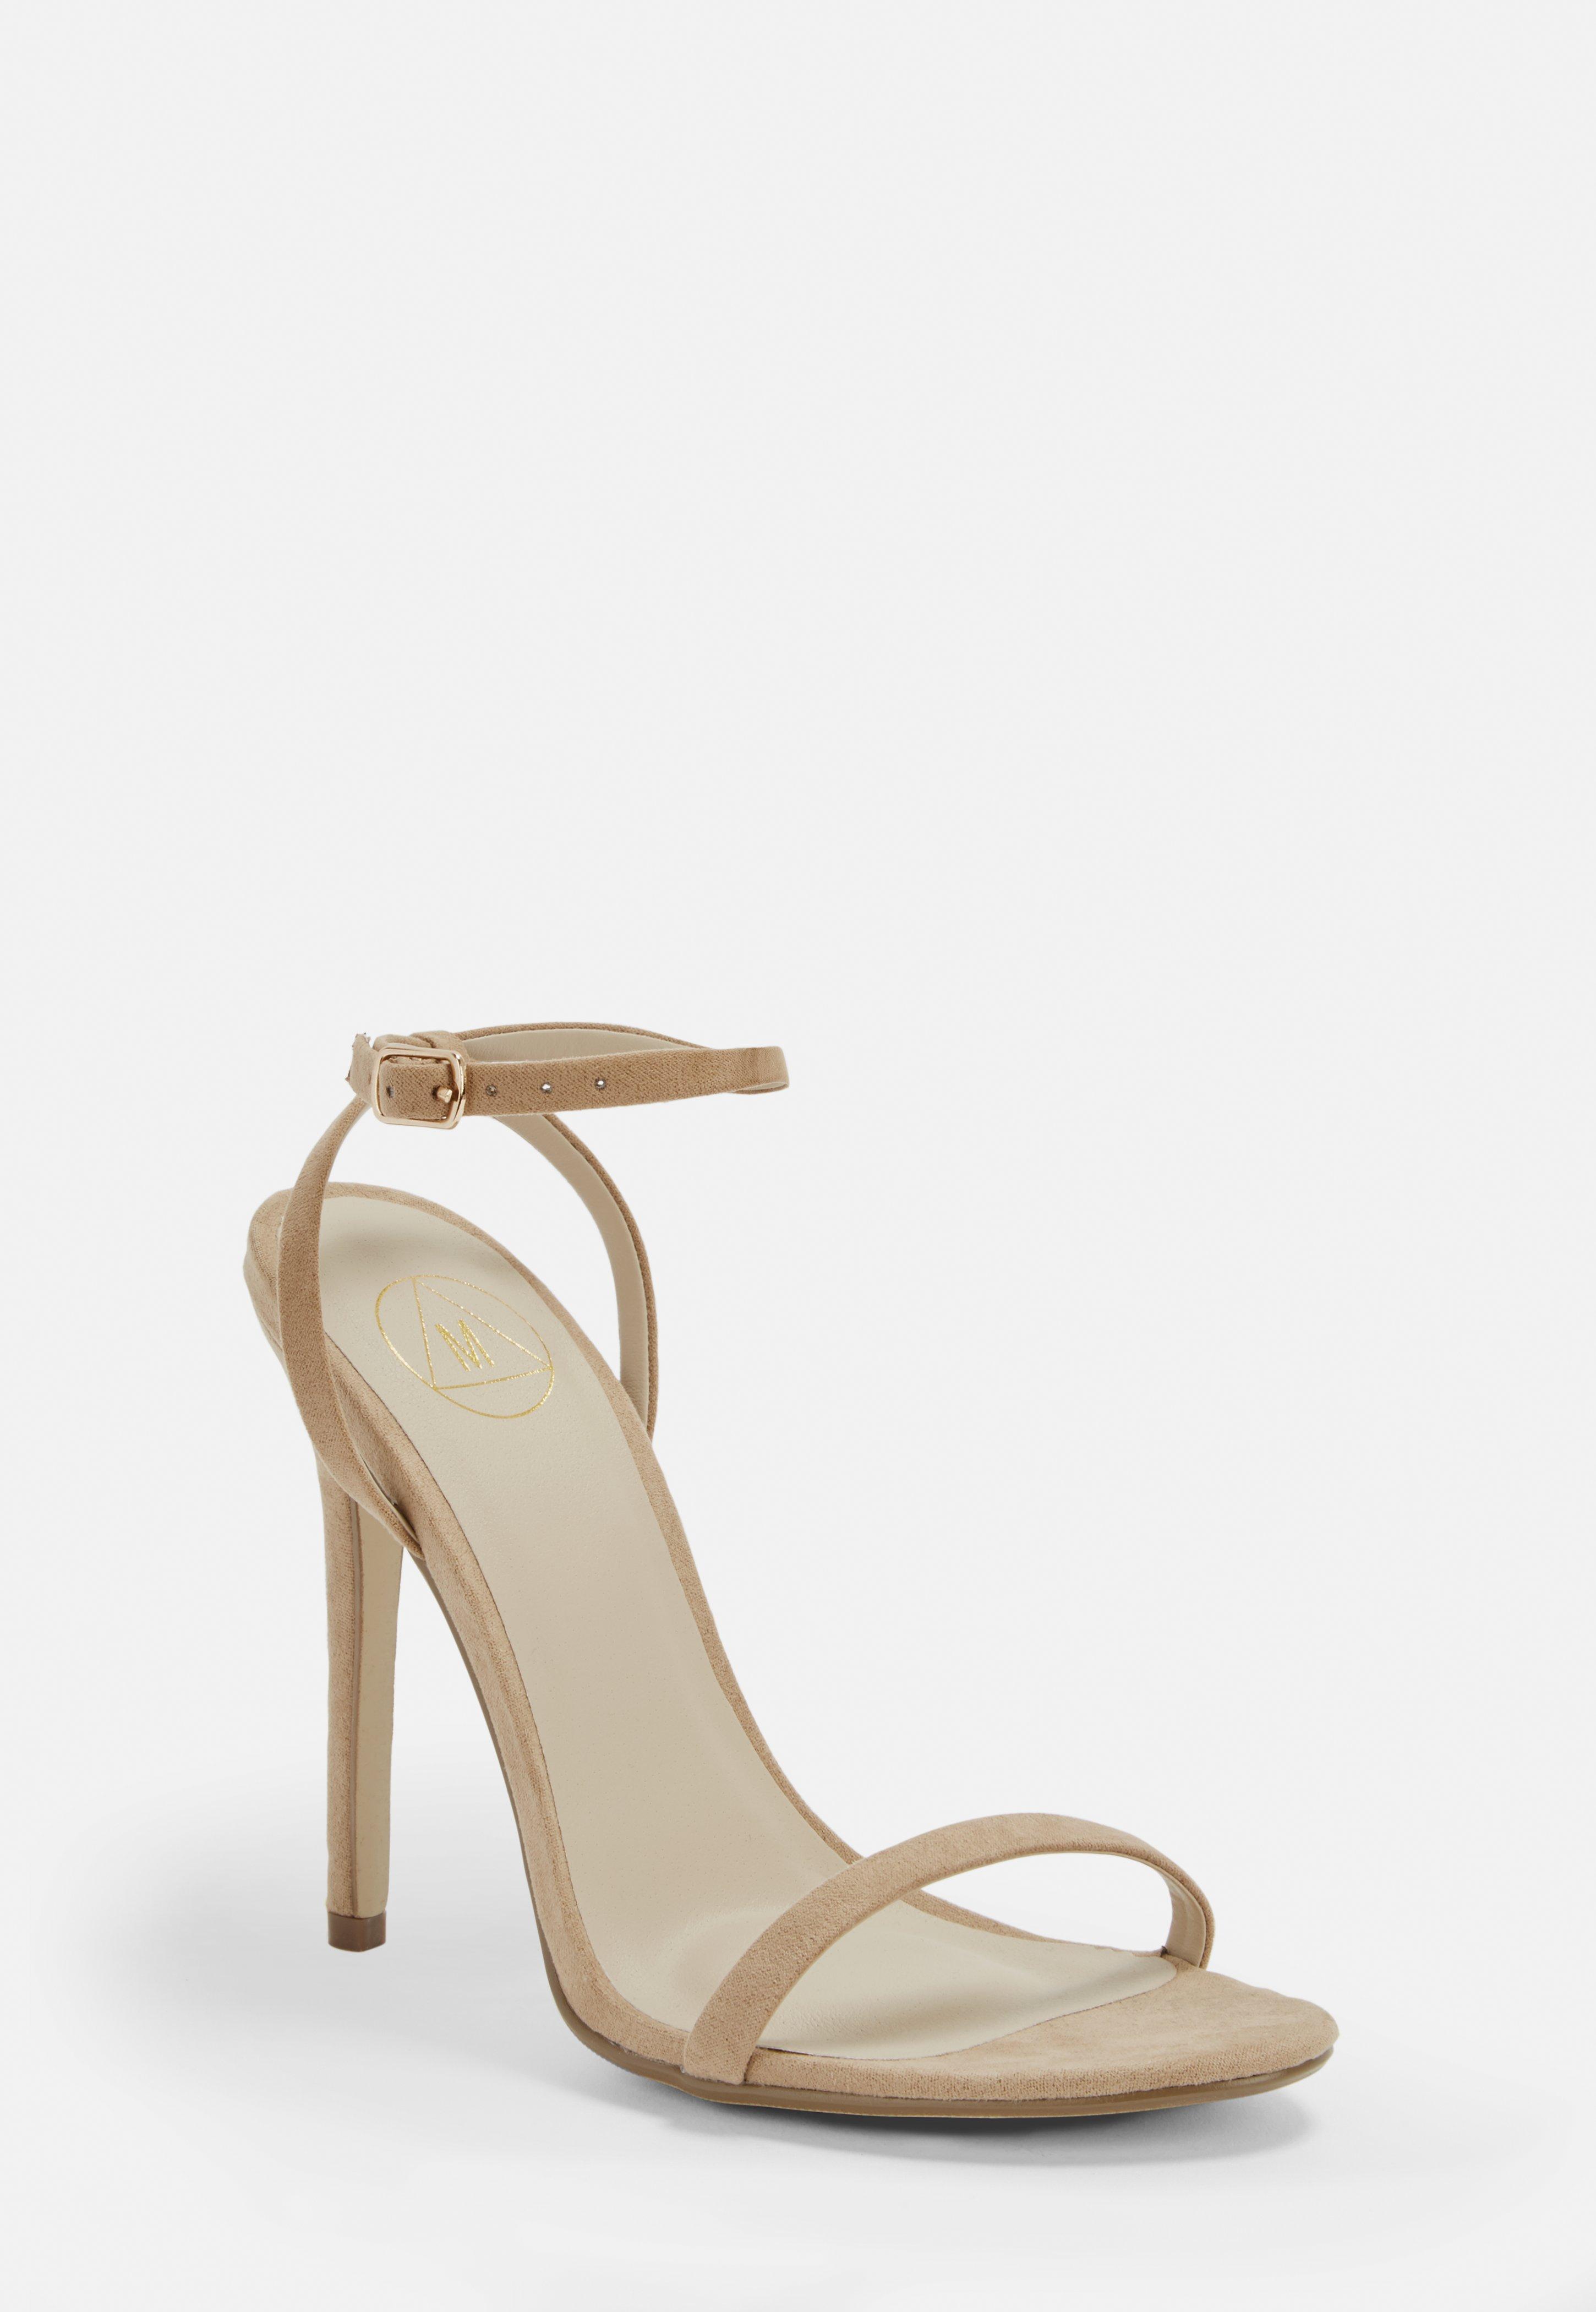 74f39559b32f Chaussure femme